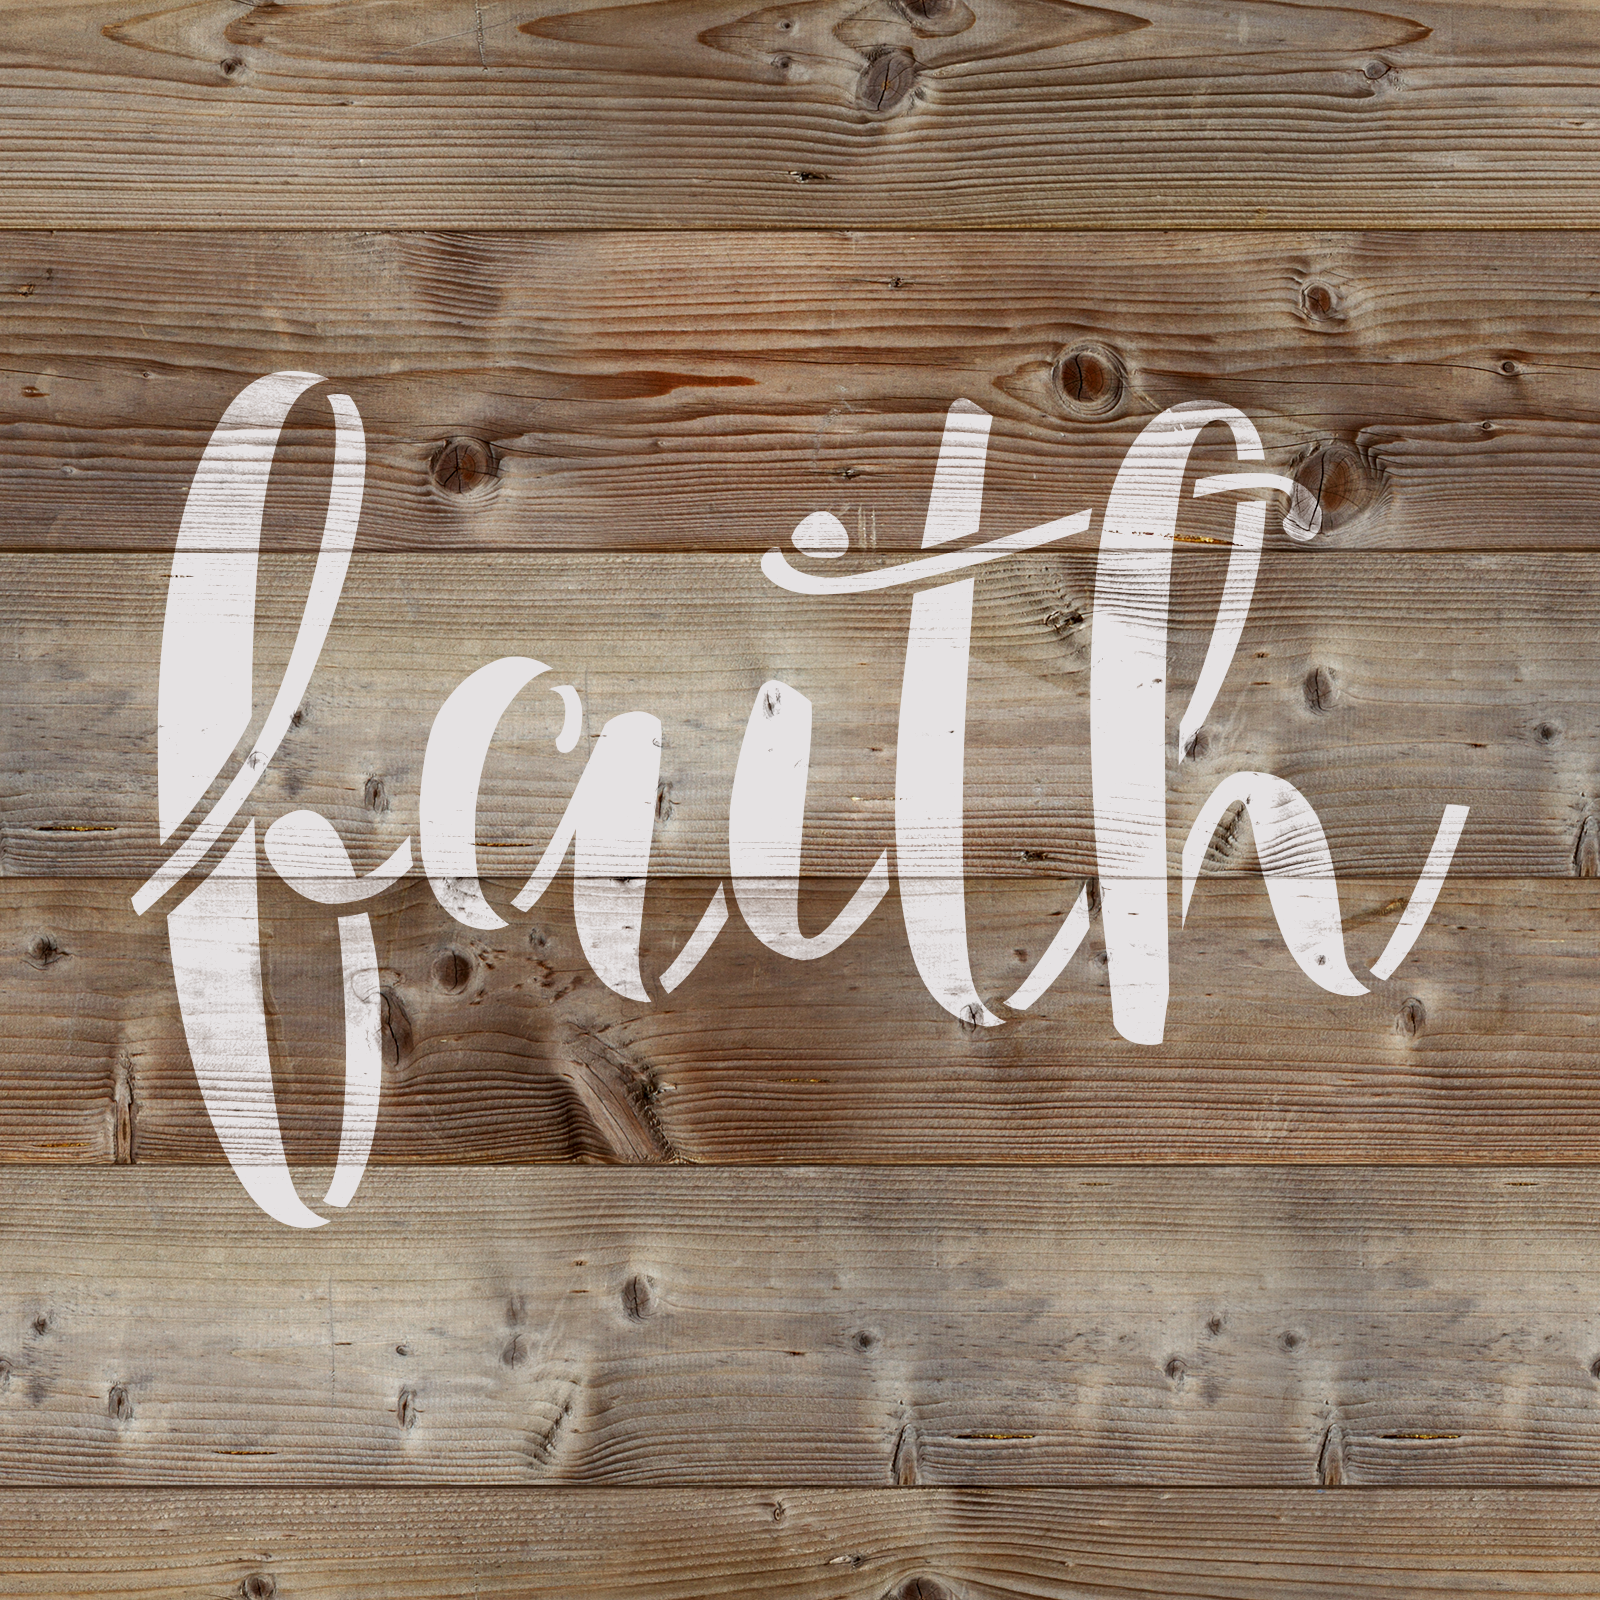 Faith Stencil - Reusable Stencils of Faith Sign in Multiple Sizes